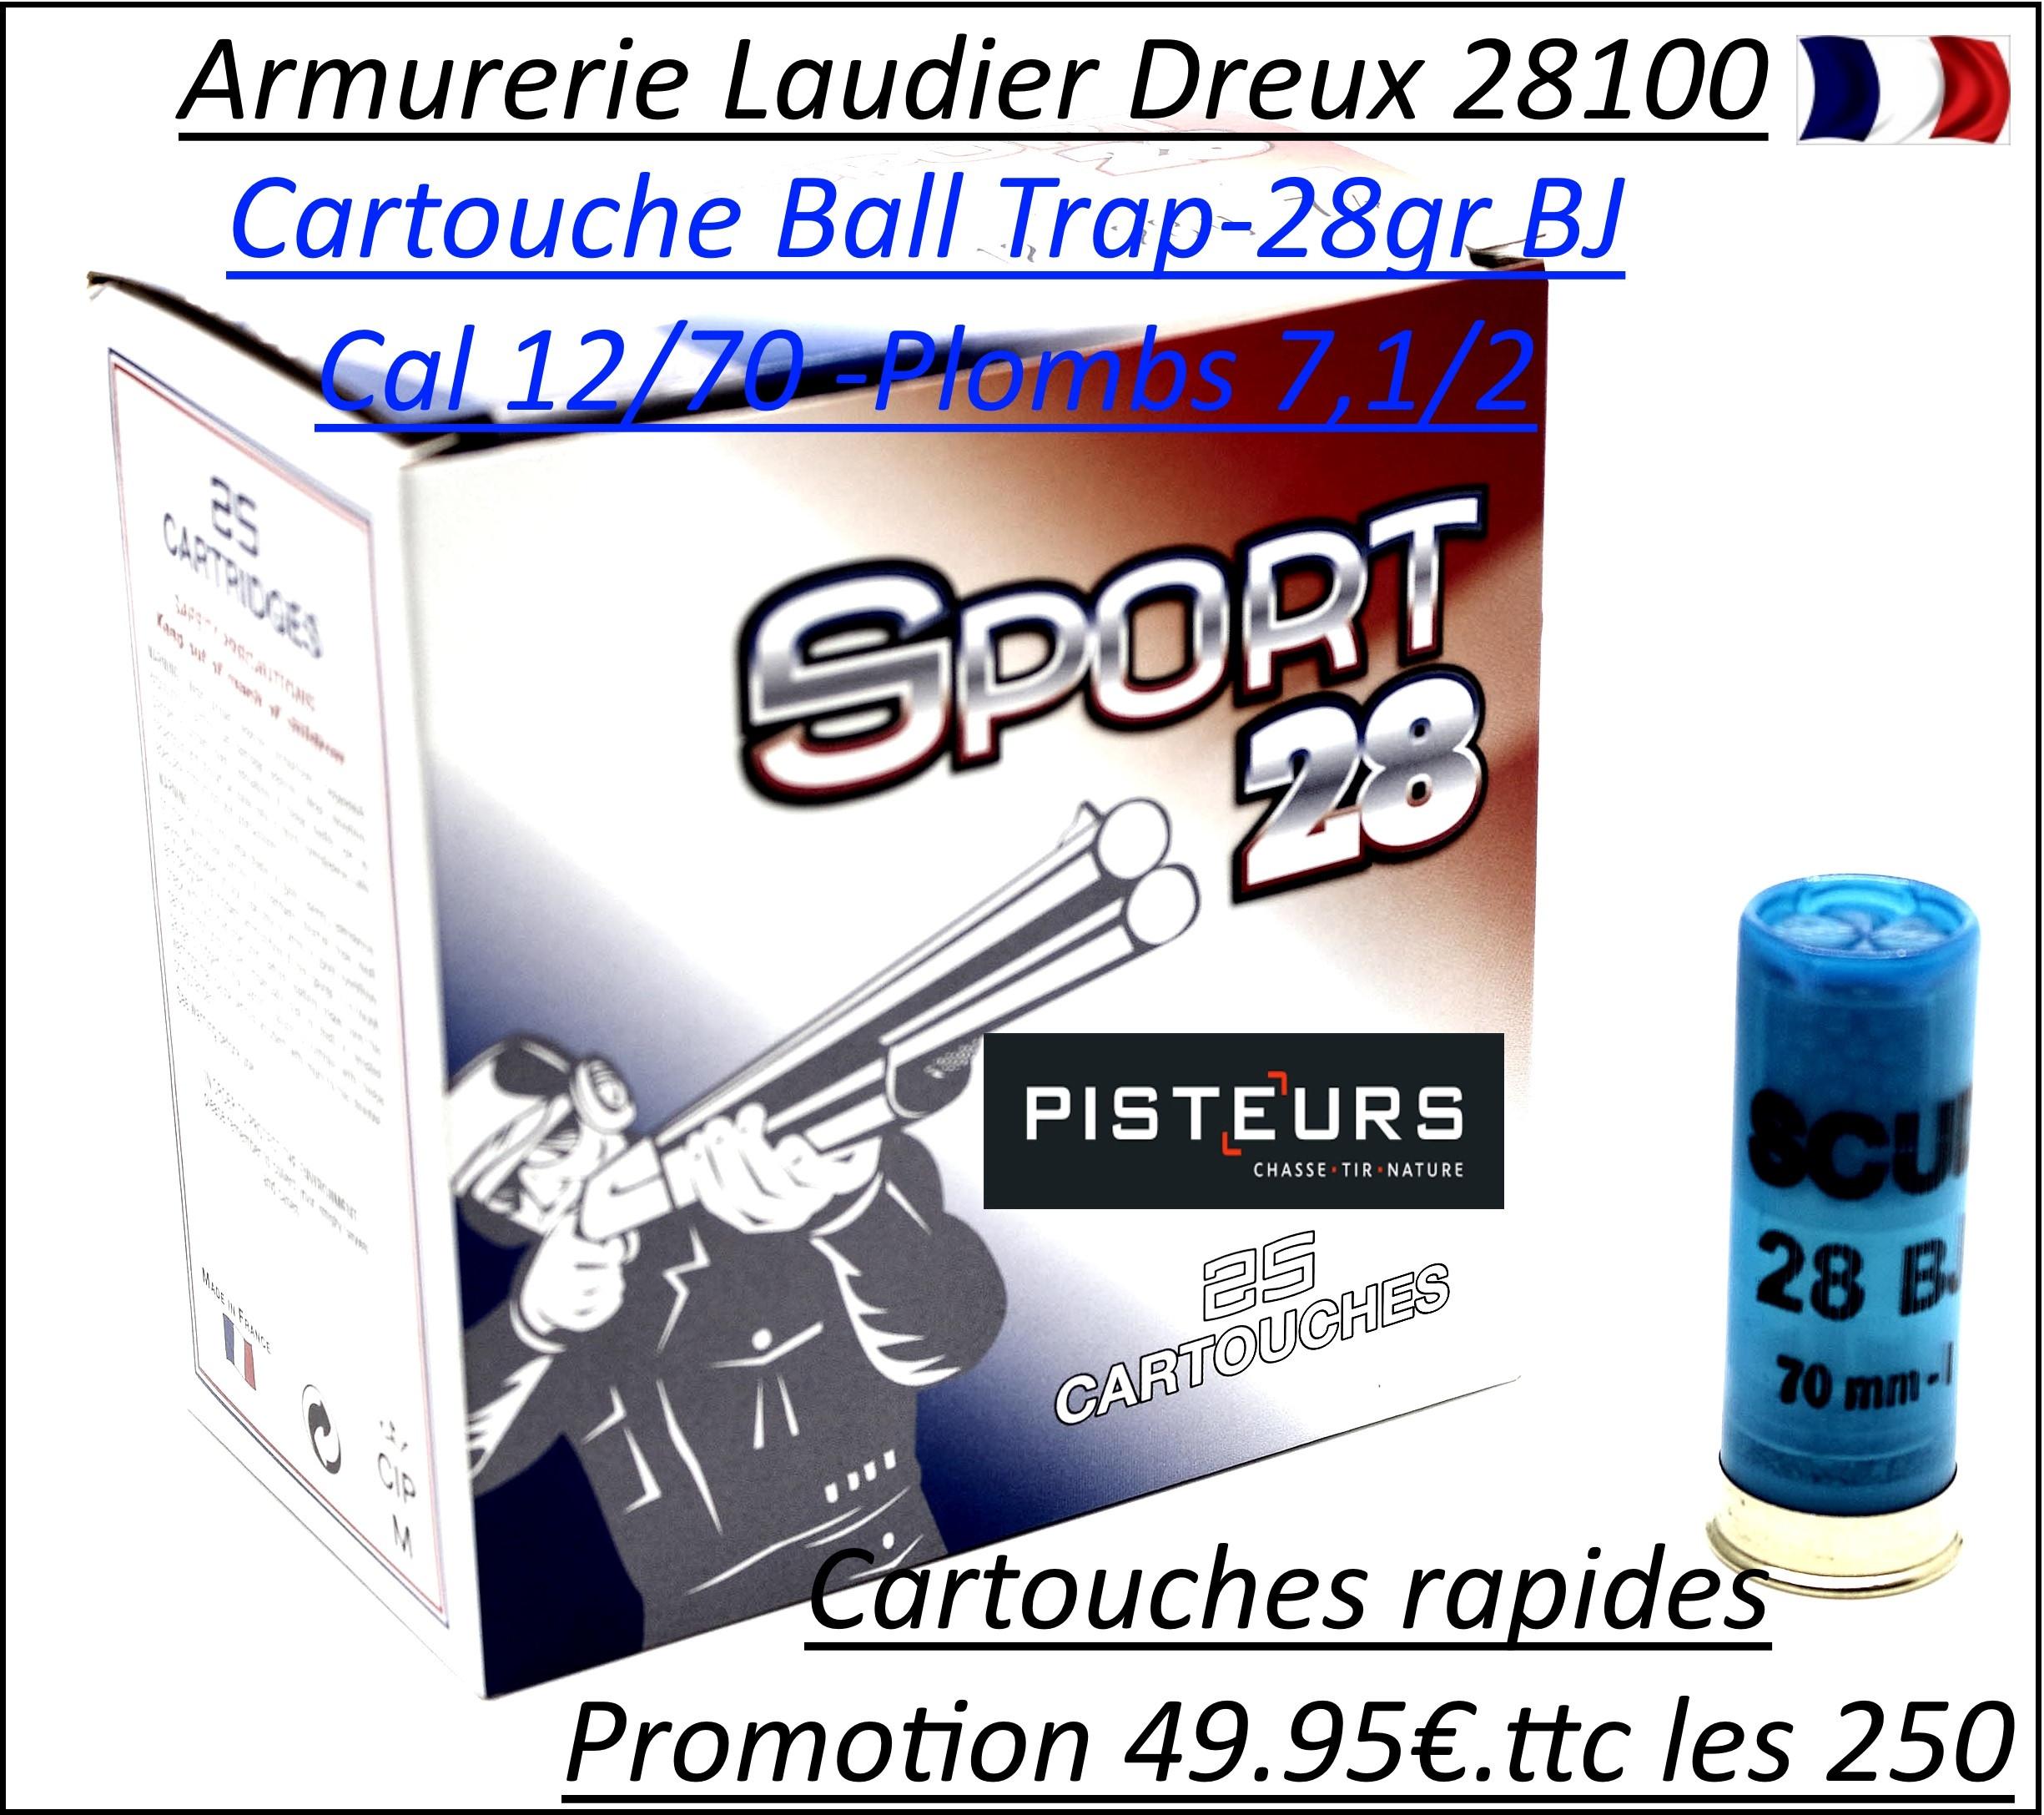 Cartouches Cal 12/70 SCUD Mary armes OFFRE SPECIALE PISTEURS Plomb 71/2 BOITE de 250-Ref 1117-scud